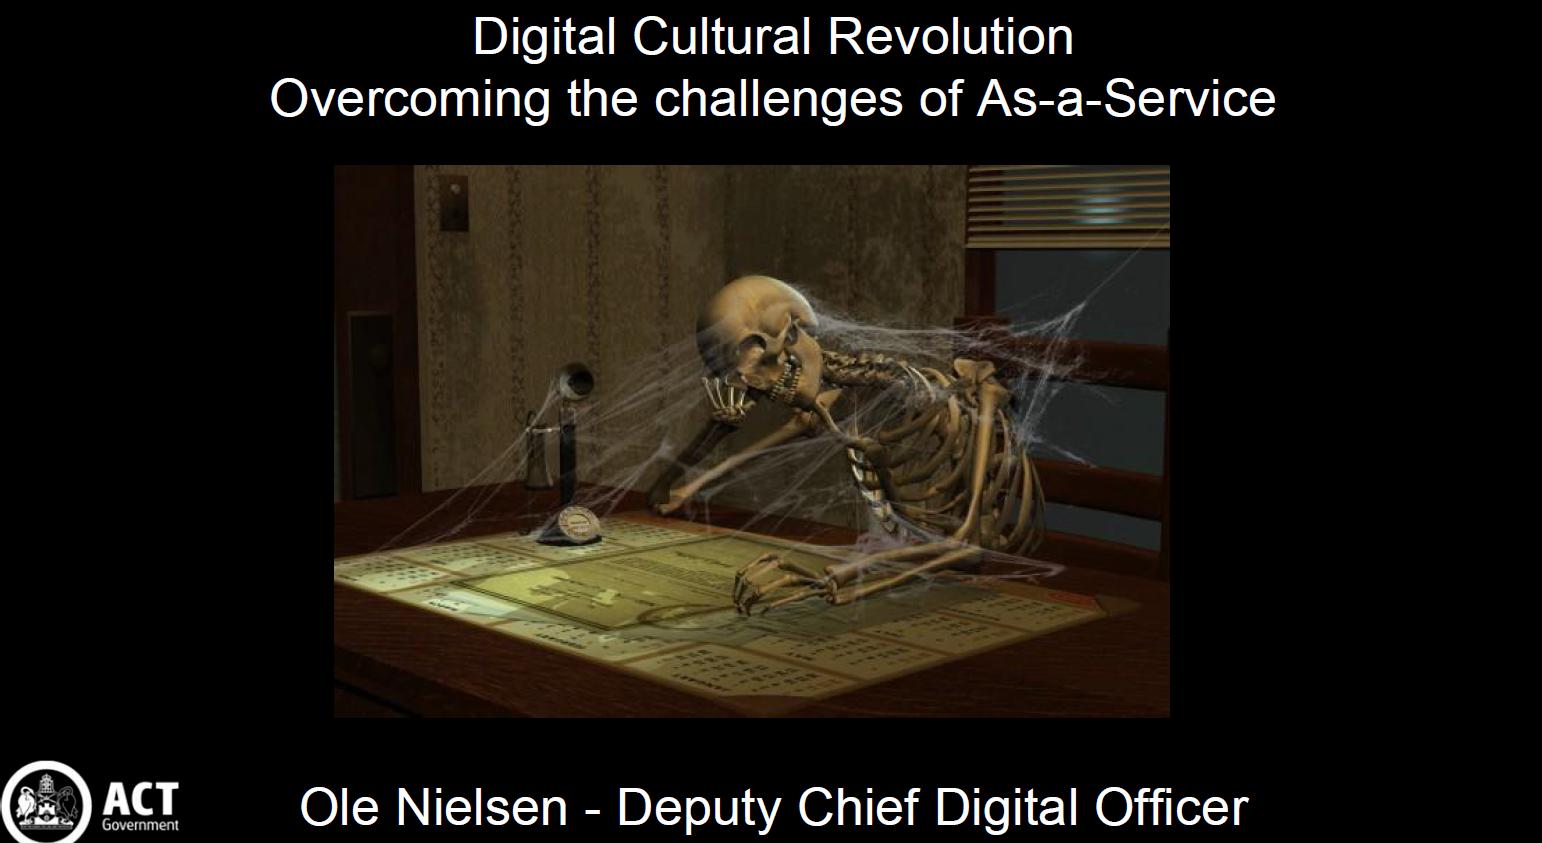 A Digital Cultural Revolution